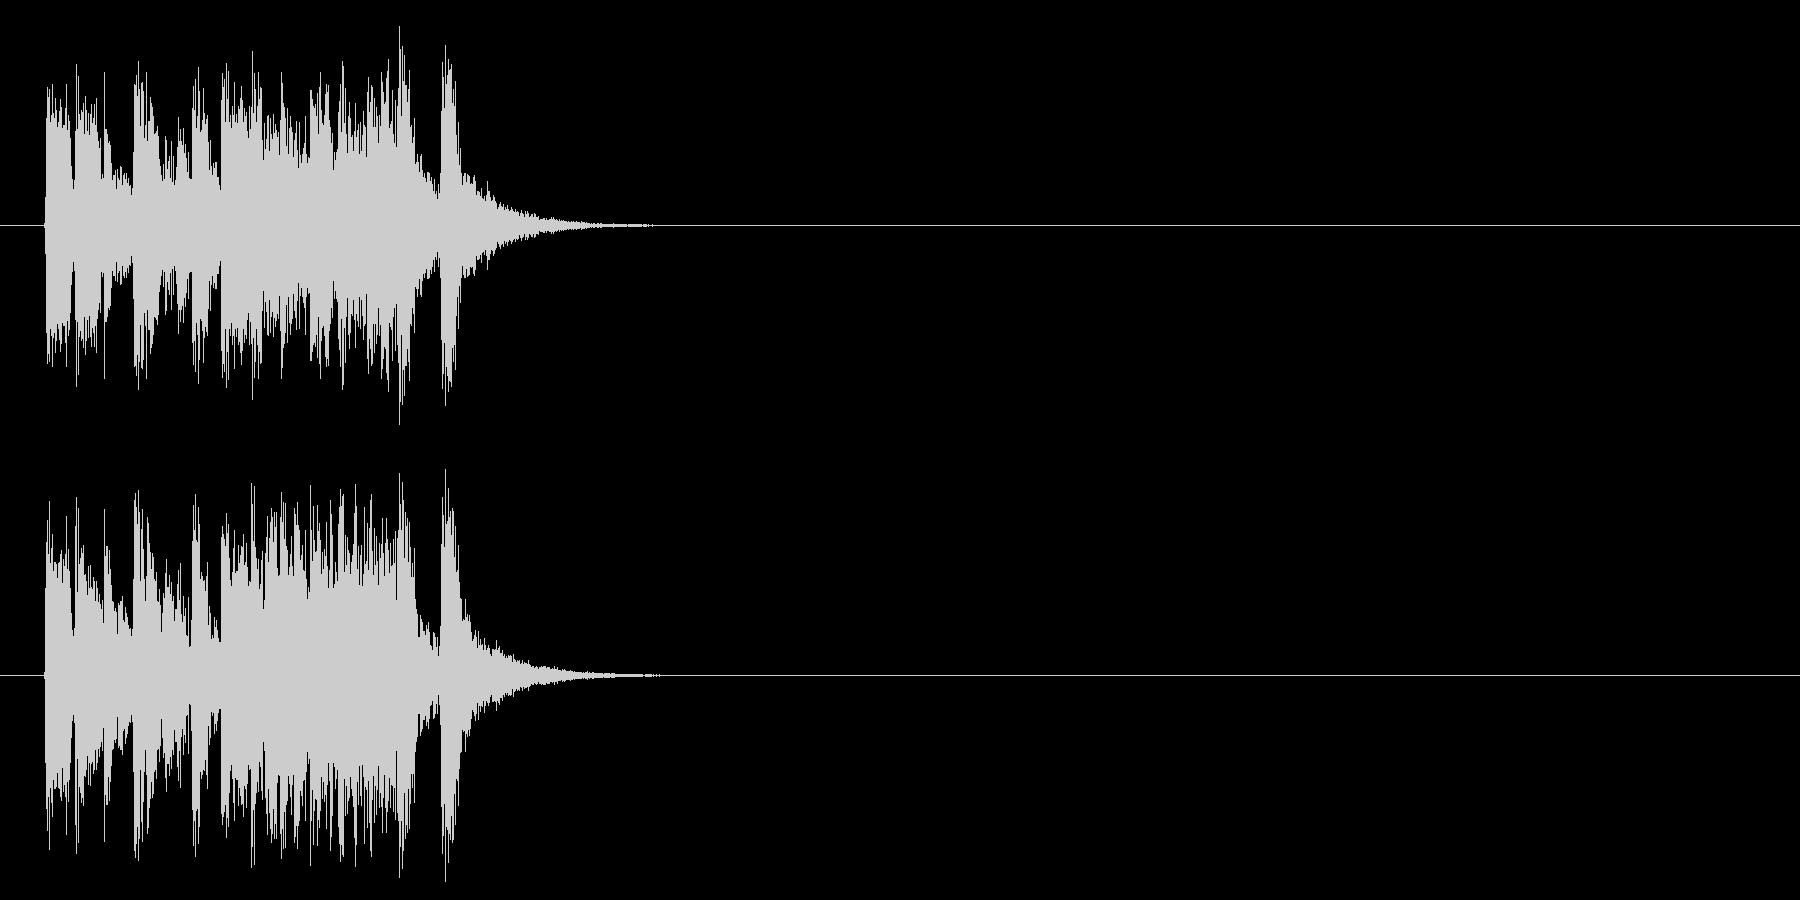 ジングル/ポップ(場面転換風)の未再生の波形